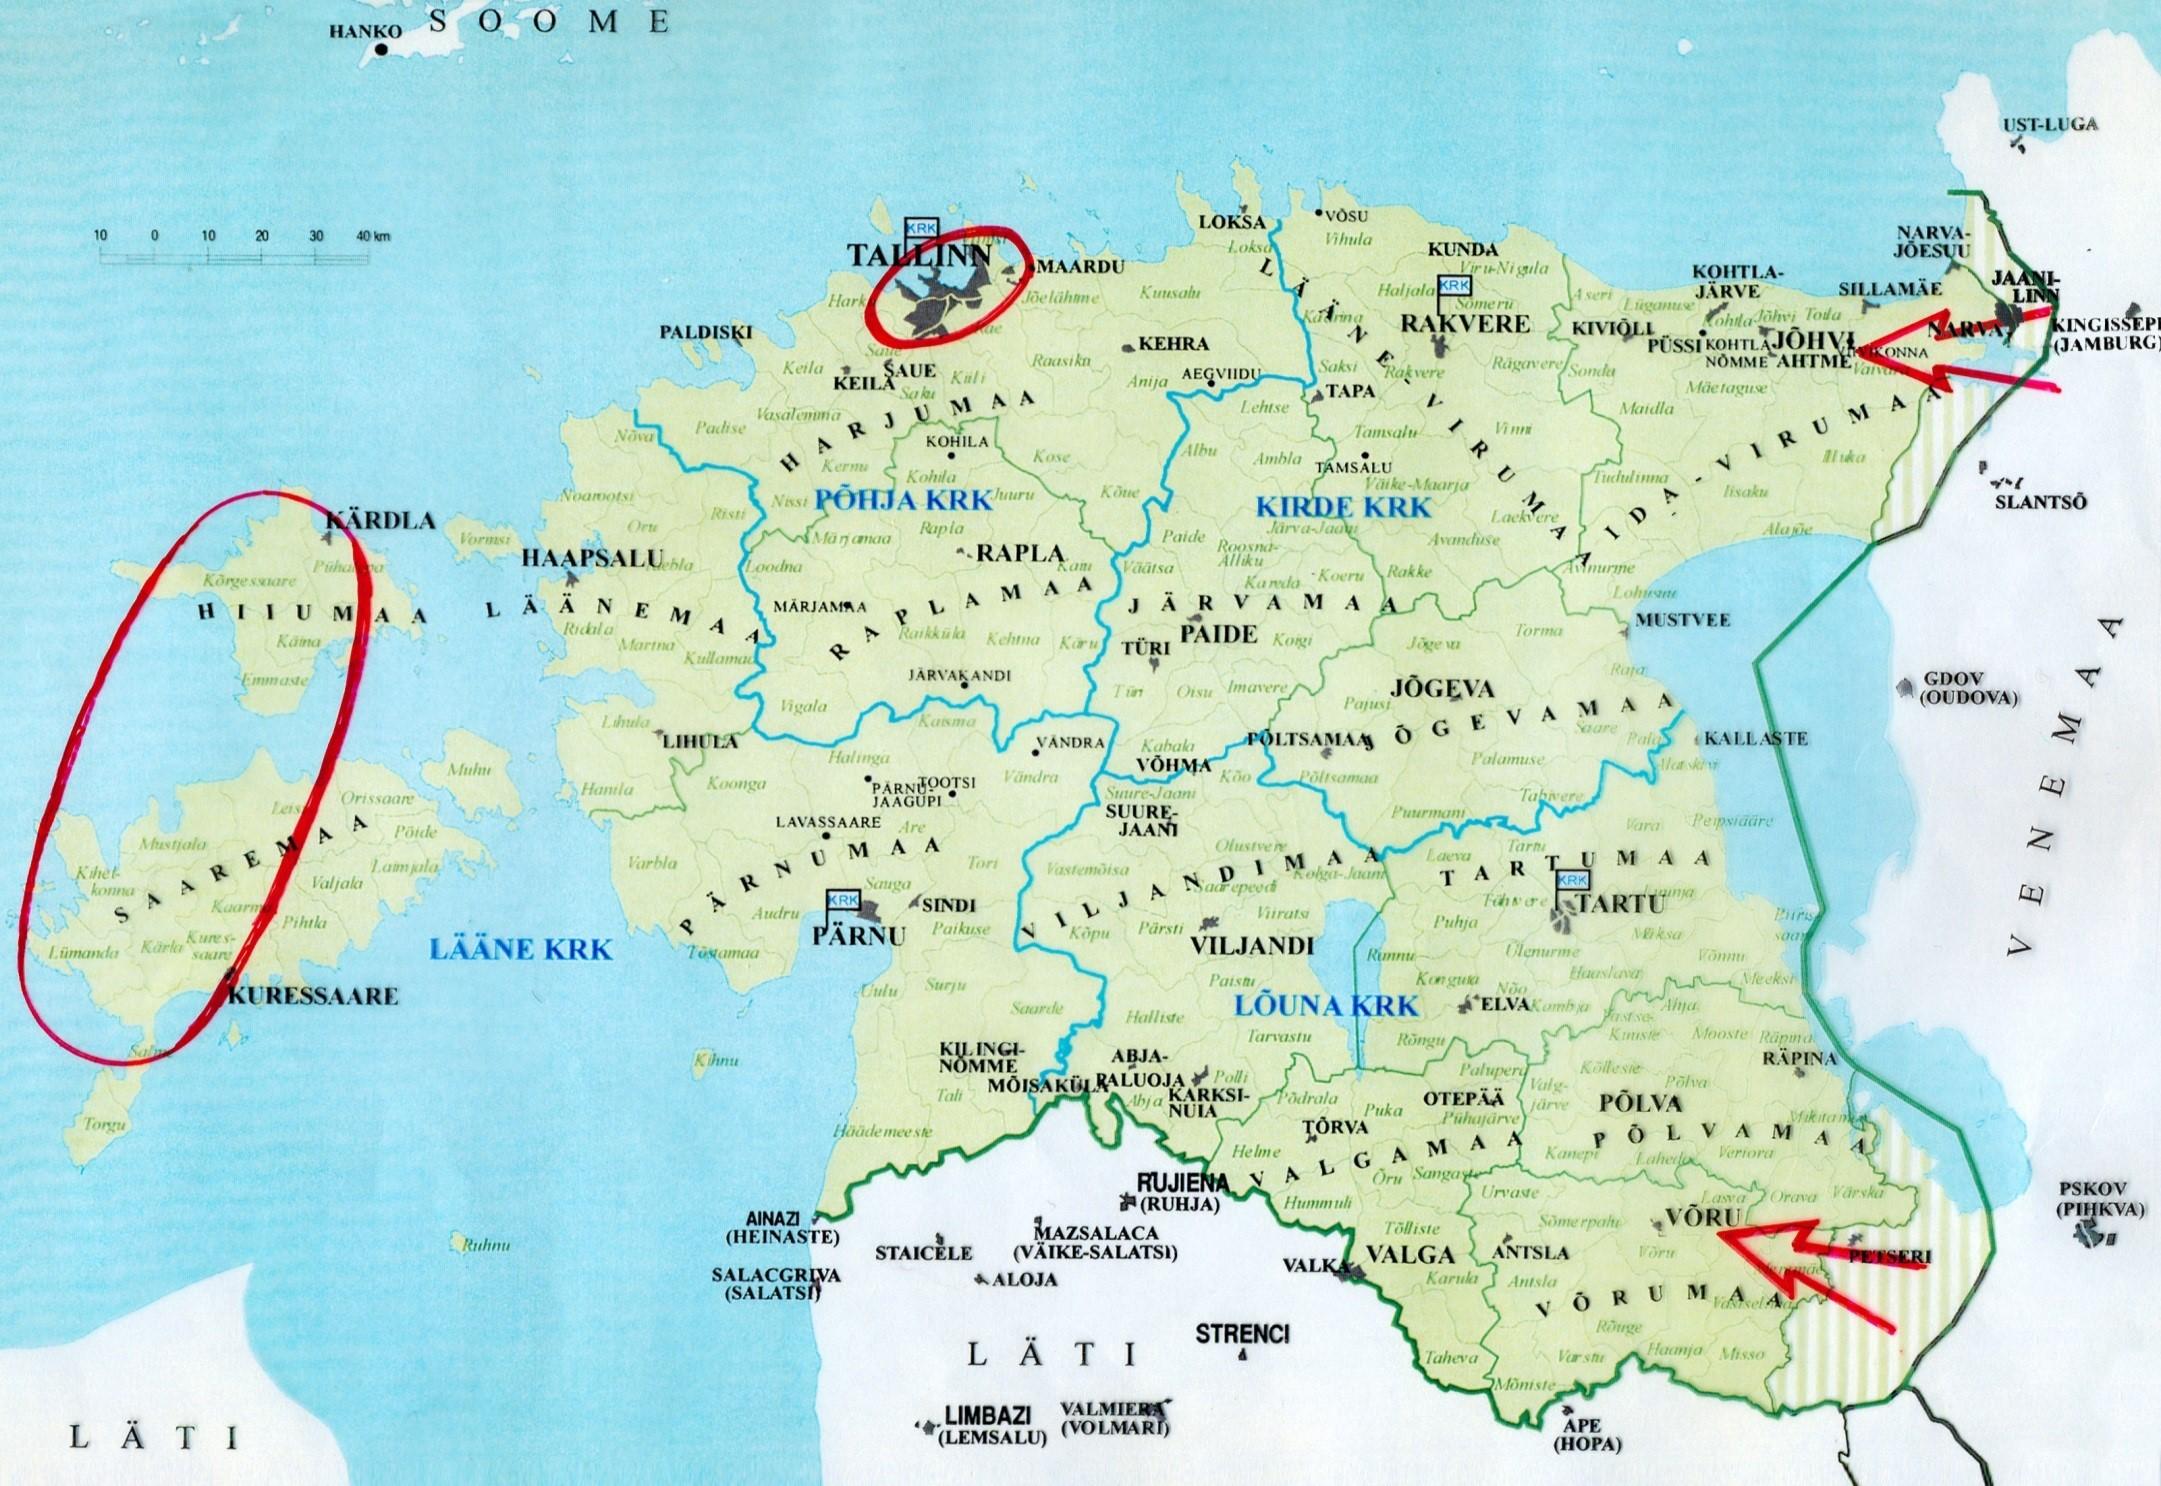 JOONIS 1. Riigi jagunemine sõjalis-territoriaalseteks üksusteks – kaitseringkondadeks ja nende peamised kaitsetegevuse raskuspunktid